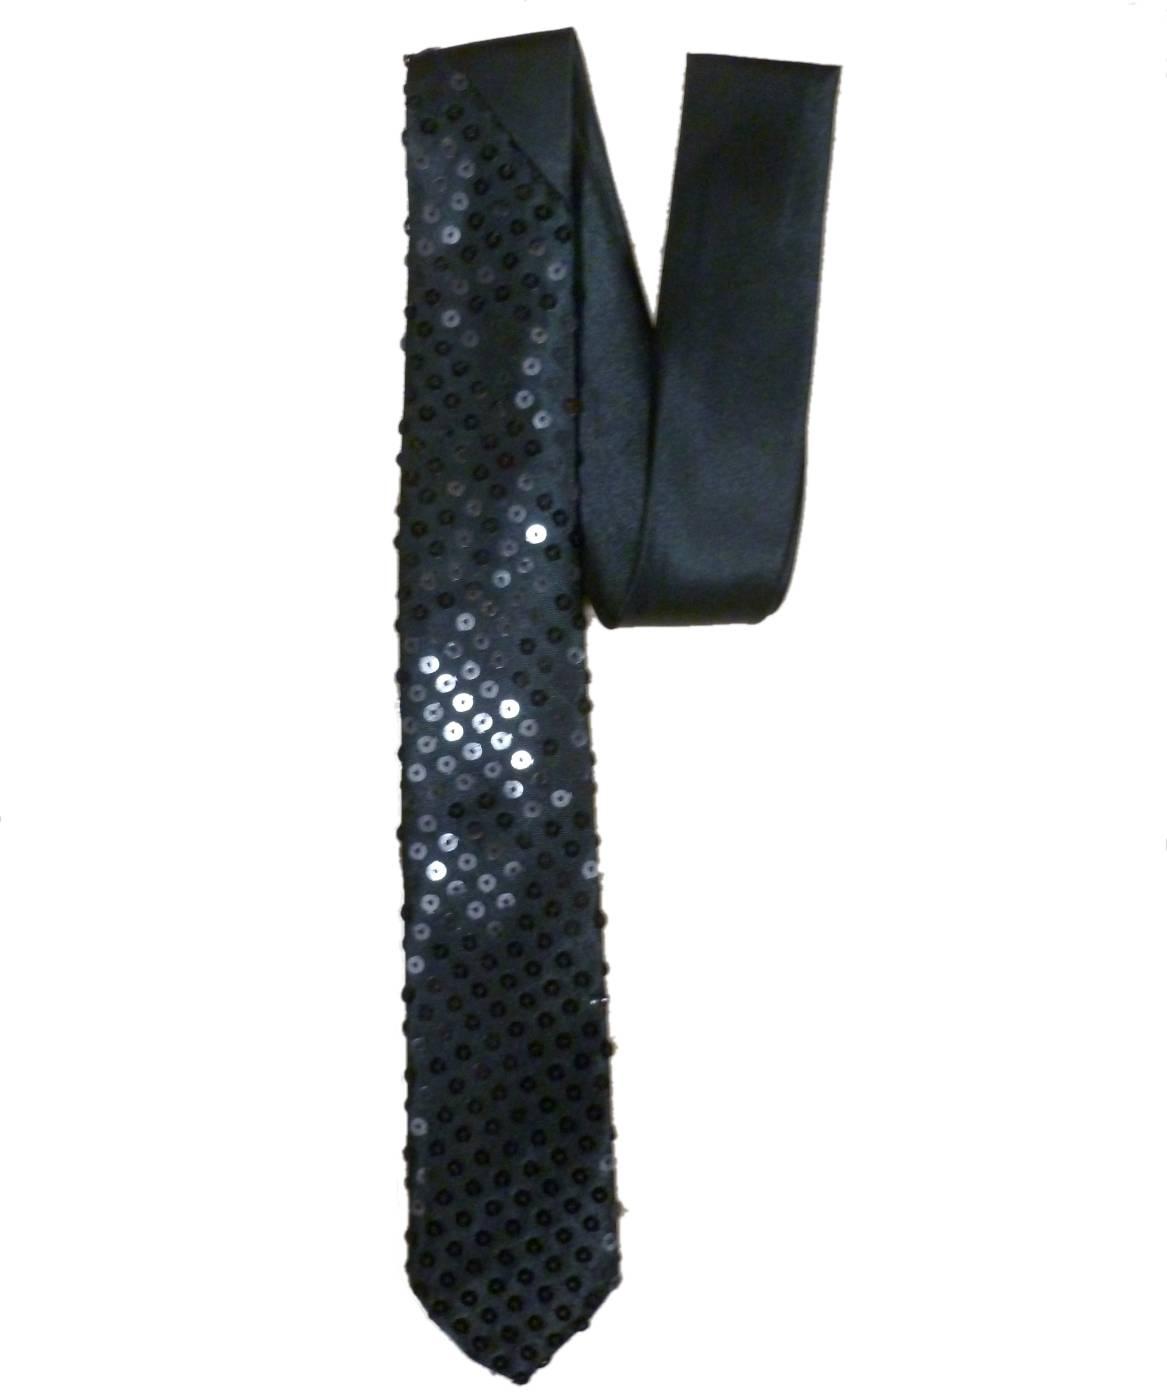 Cravate-noire-paillettes